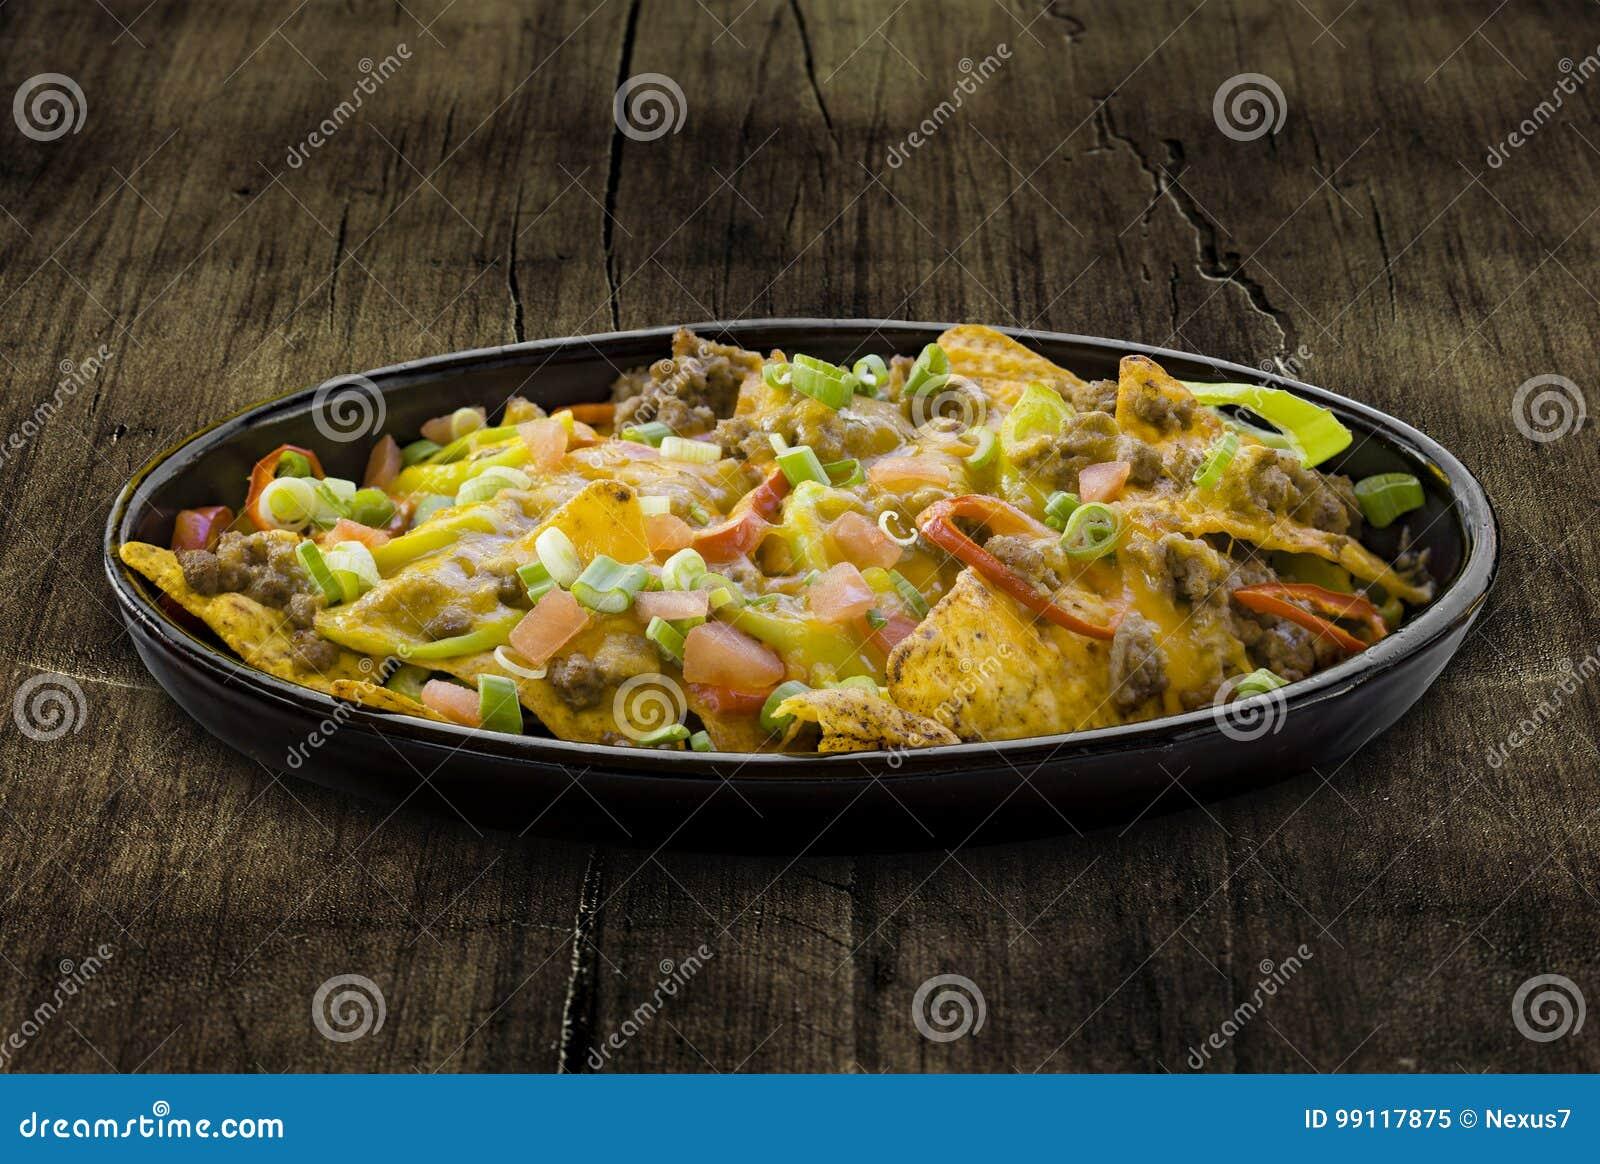 Placa de nachos